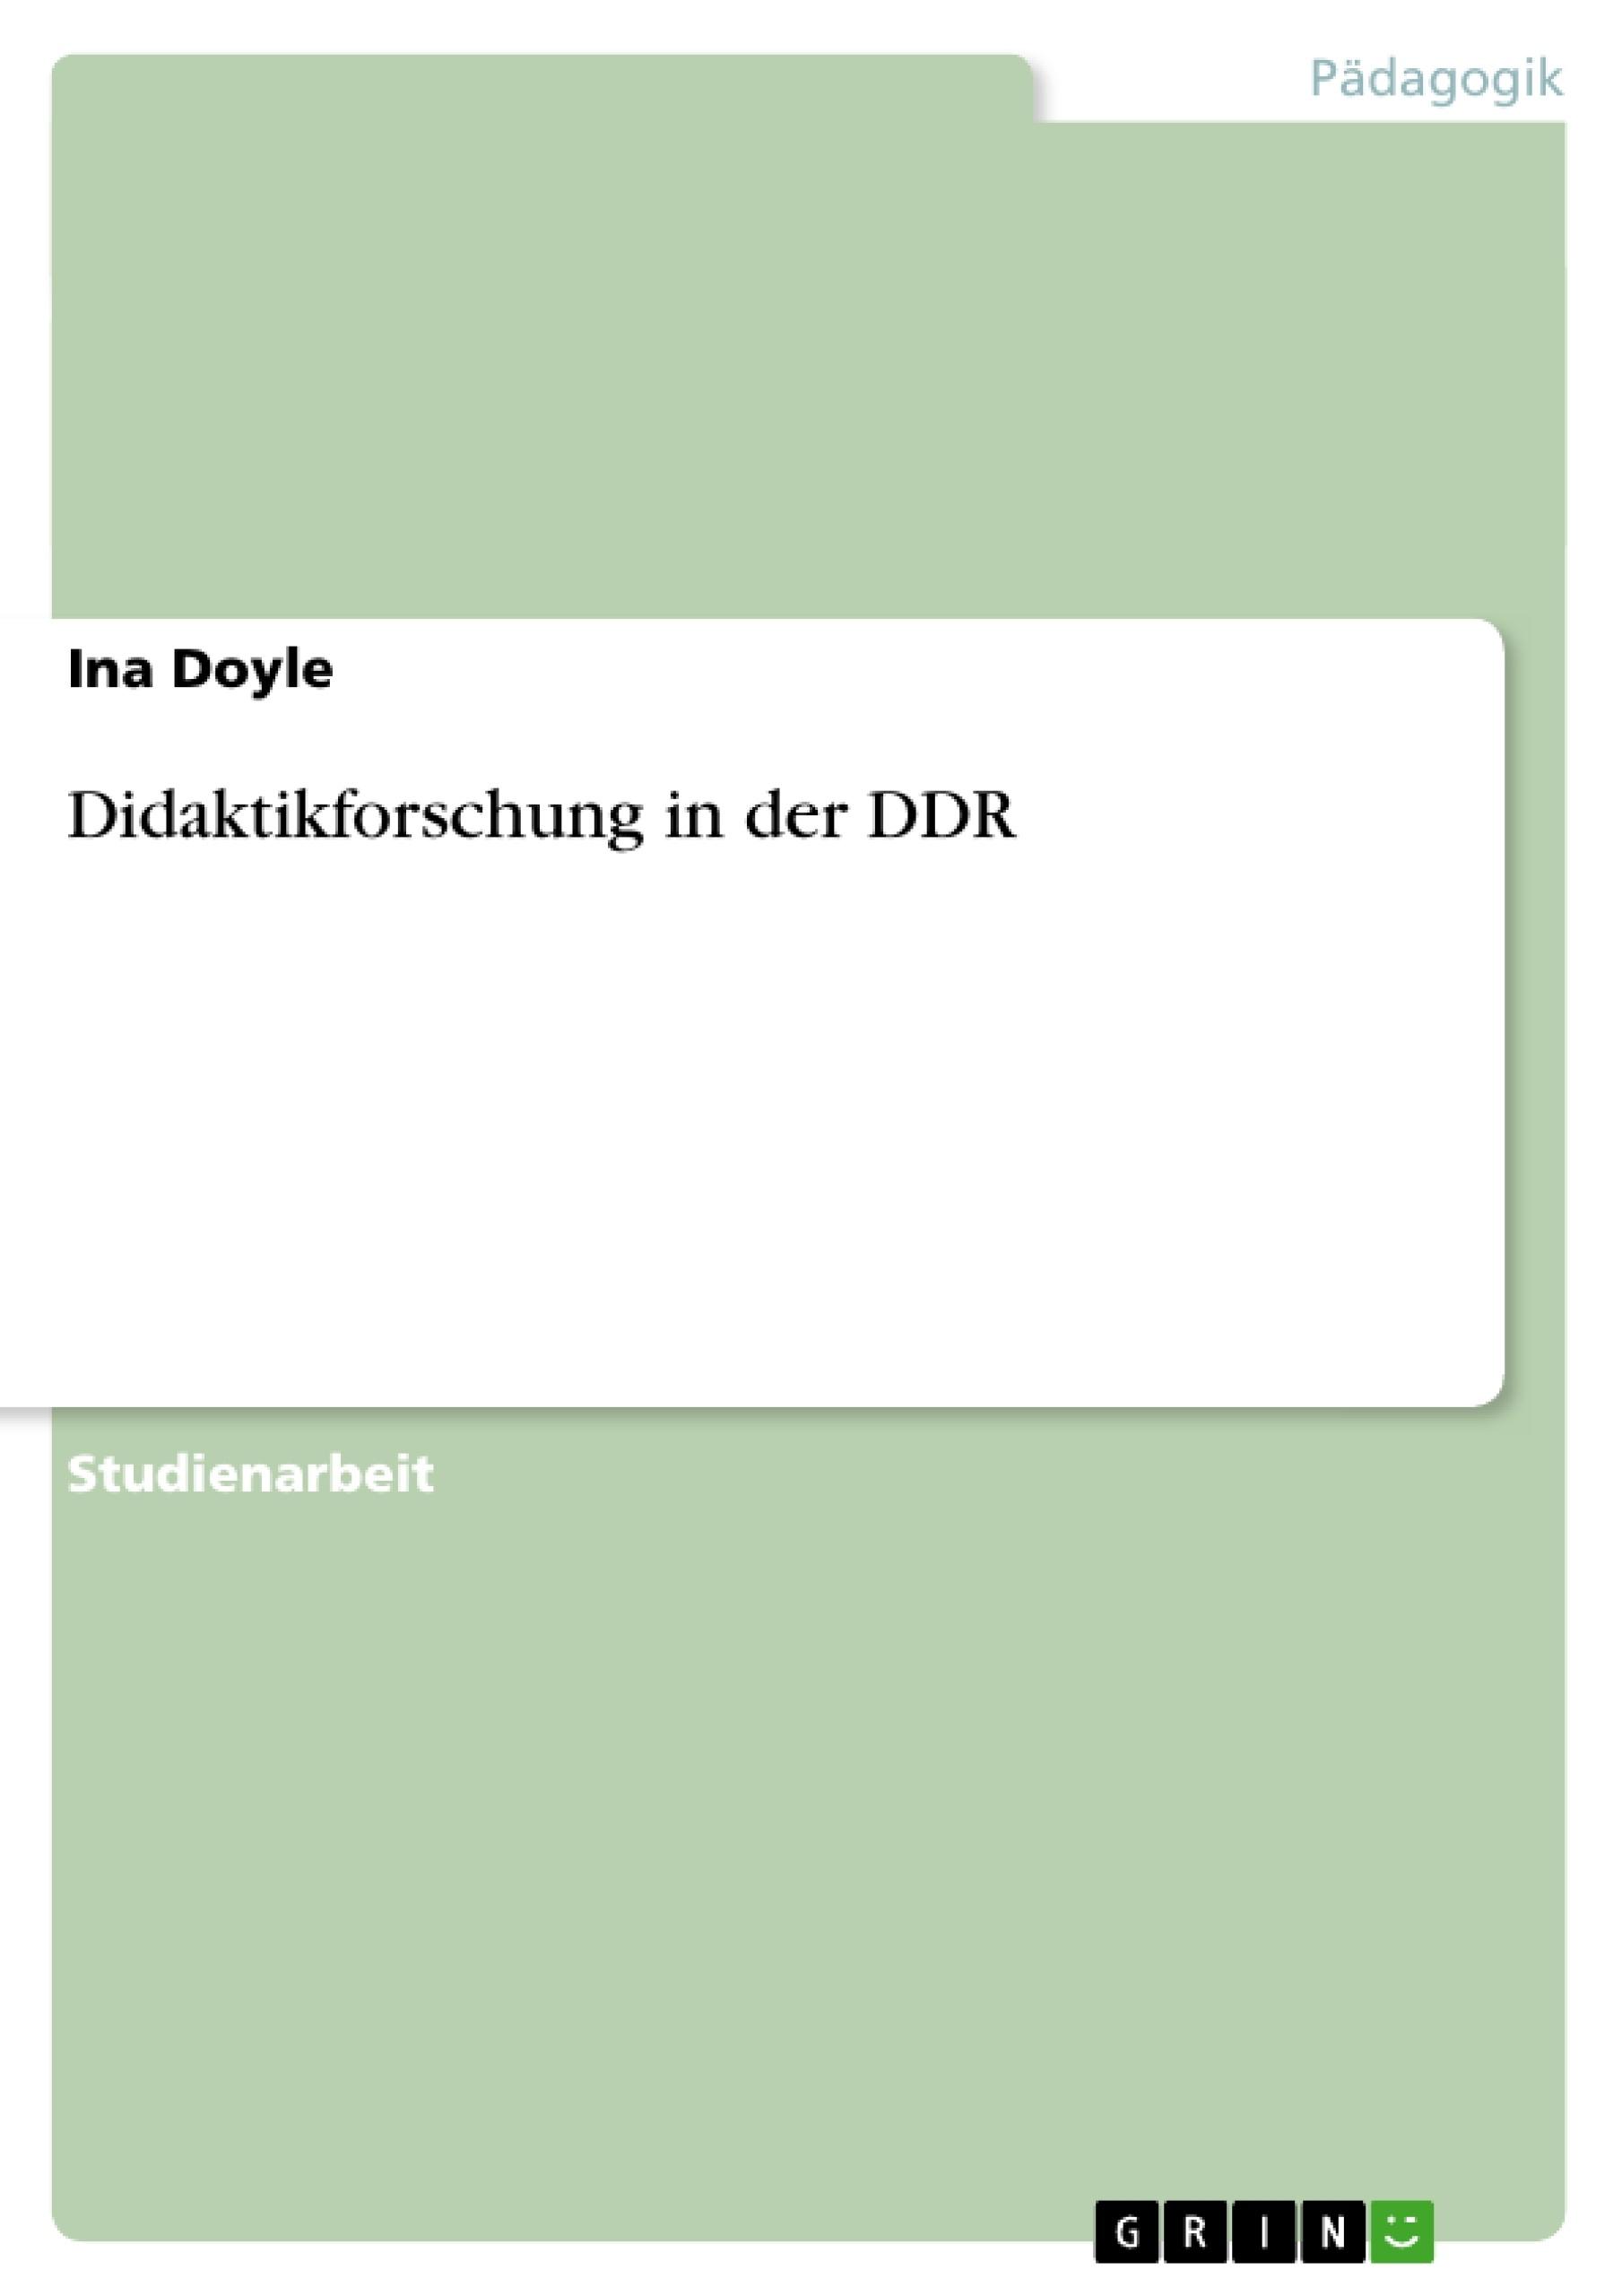 Titel: Didaktikforschung in der DDR